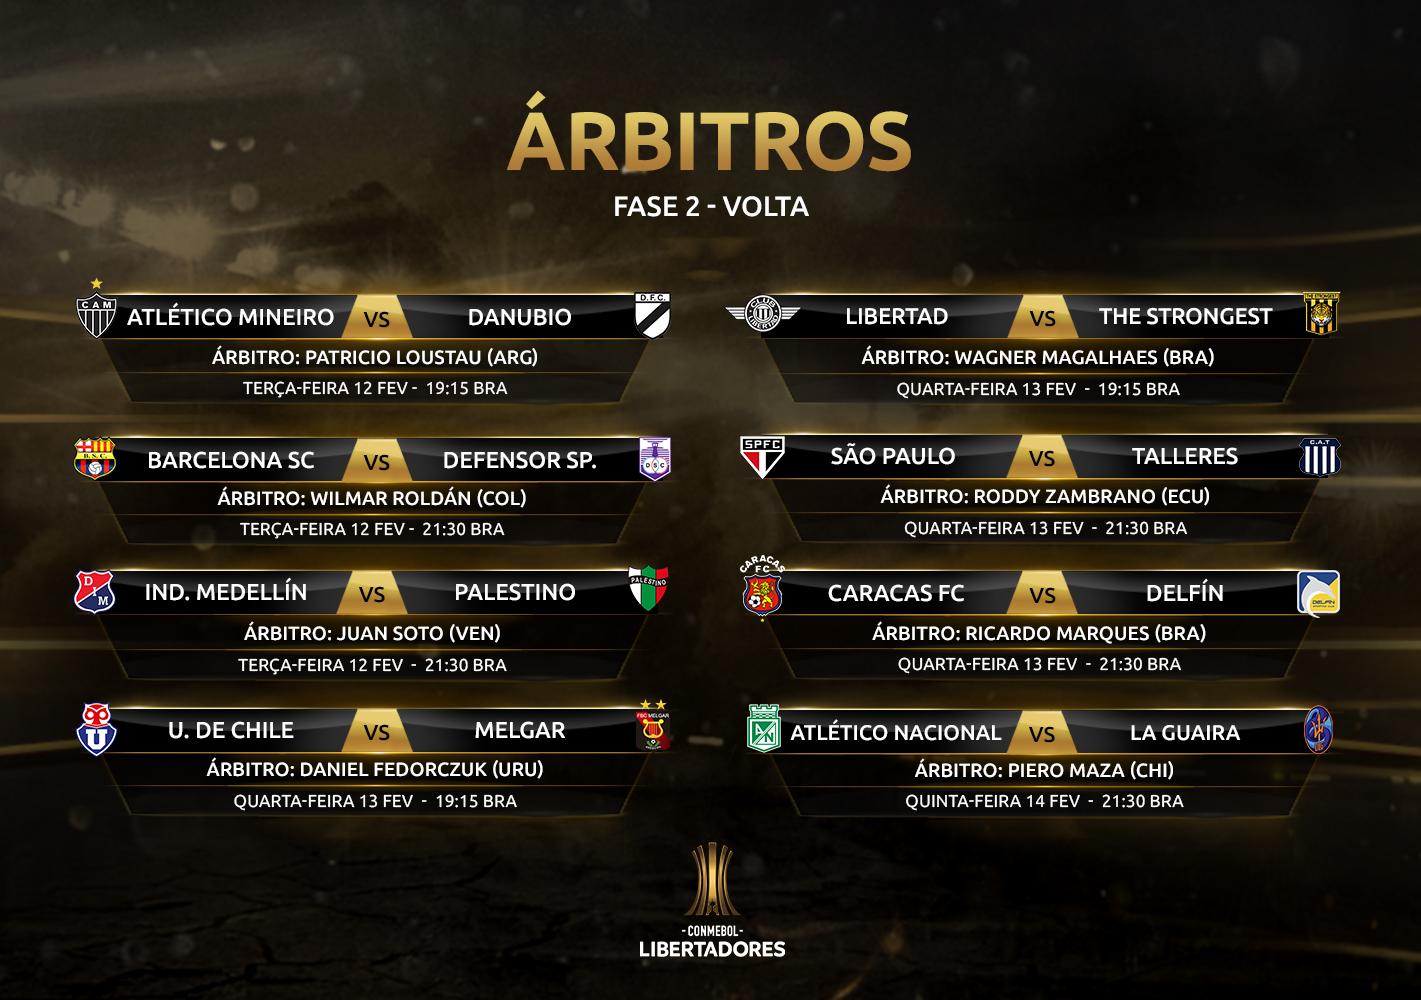 Árbitros Fase 2 Volta Libertadores 2019